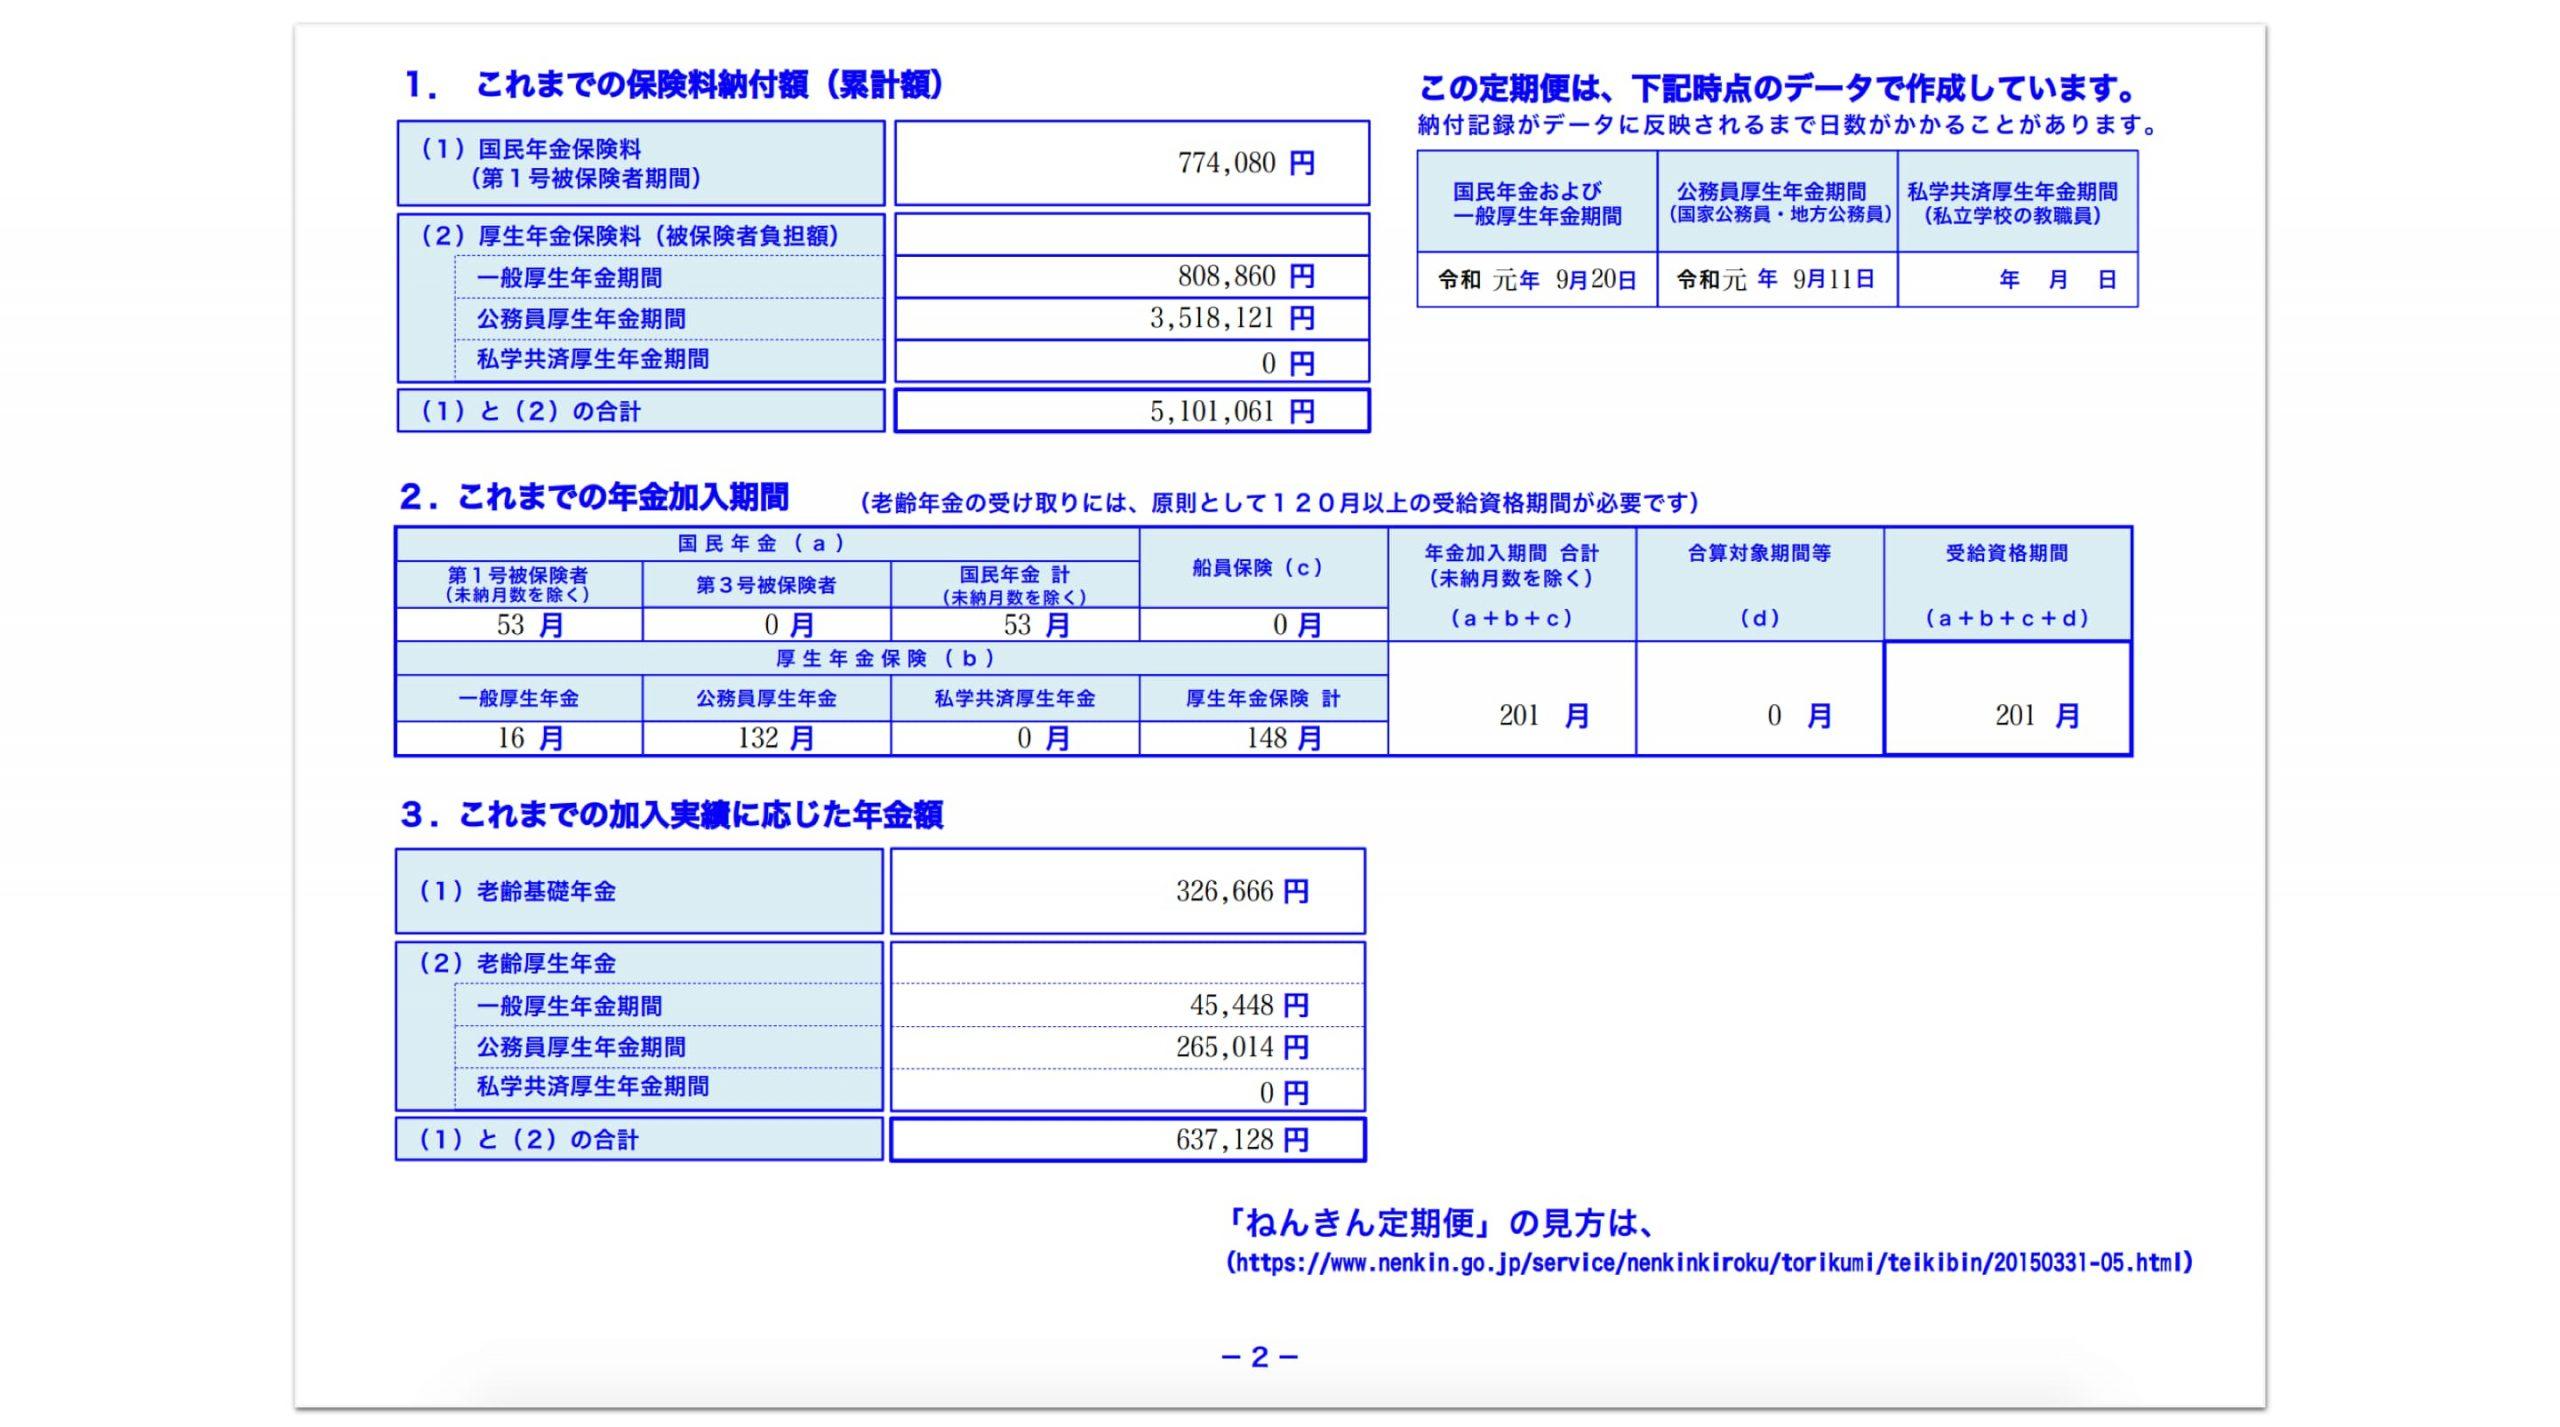 年金 定期 便 電子版「ねんきん定期便」 | 日本年金機構